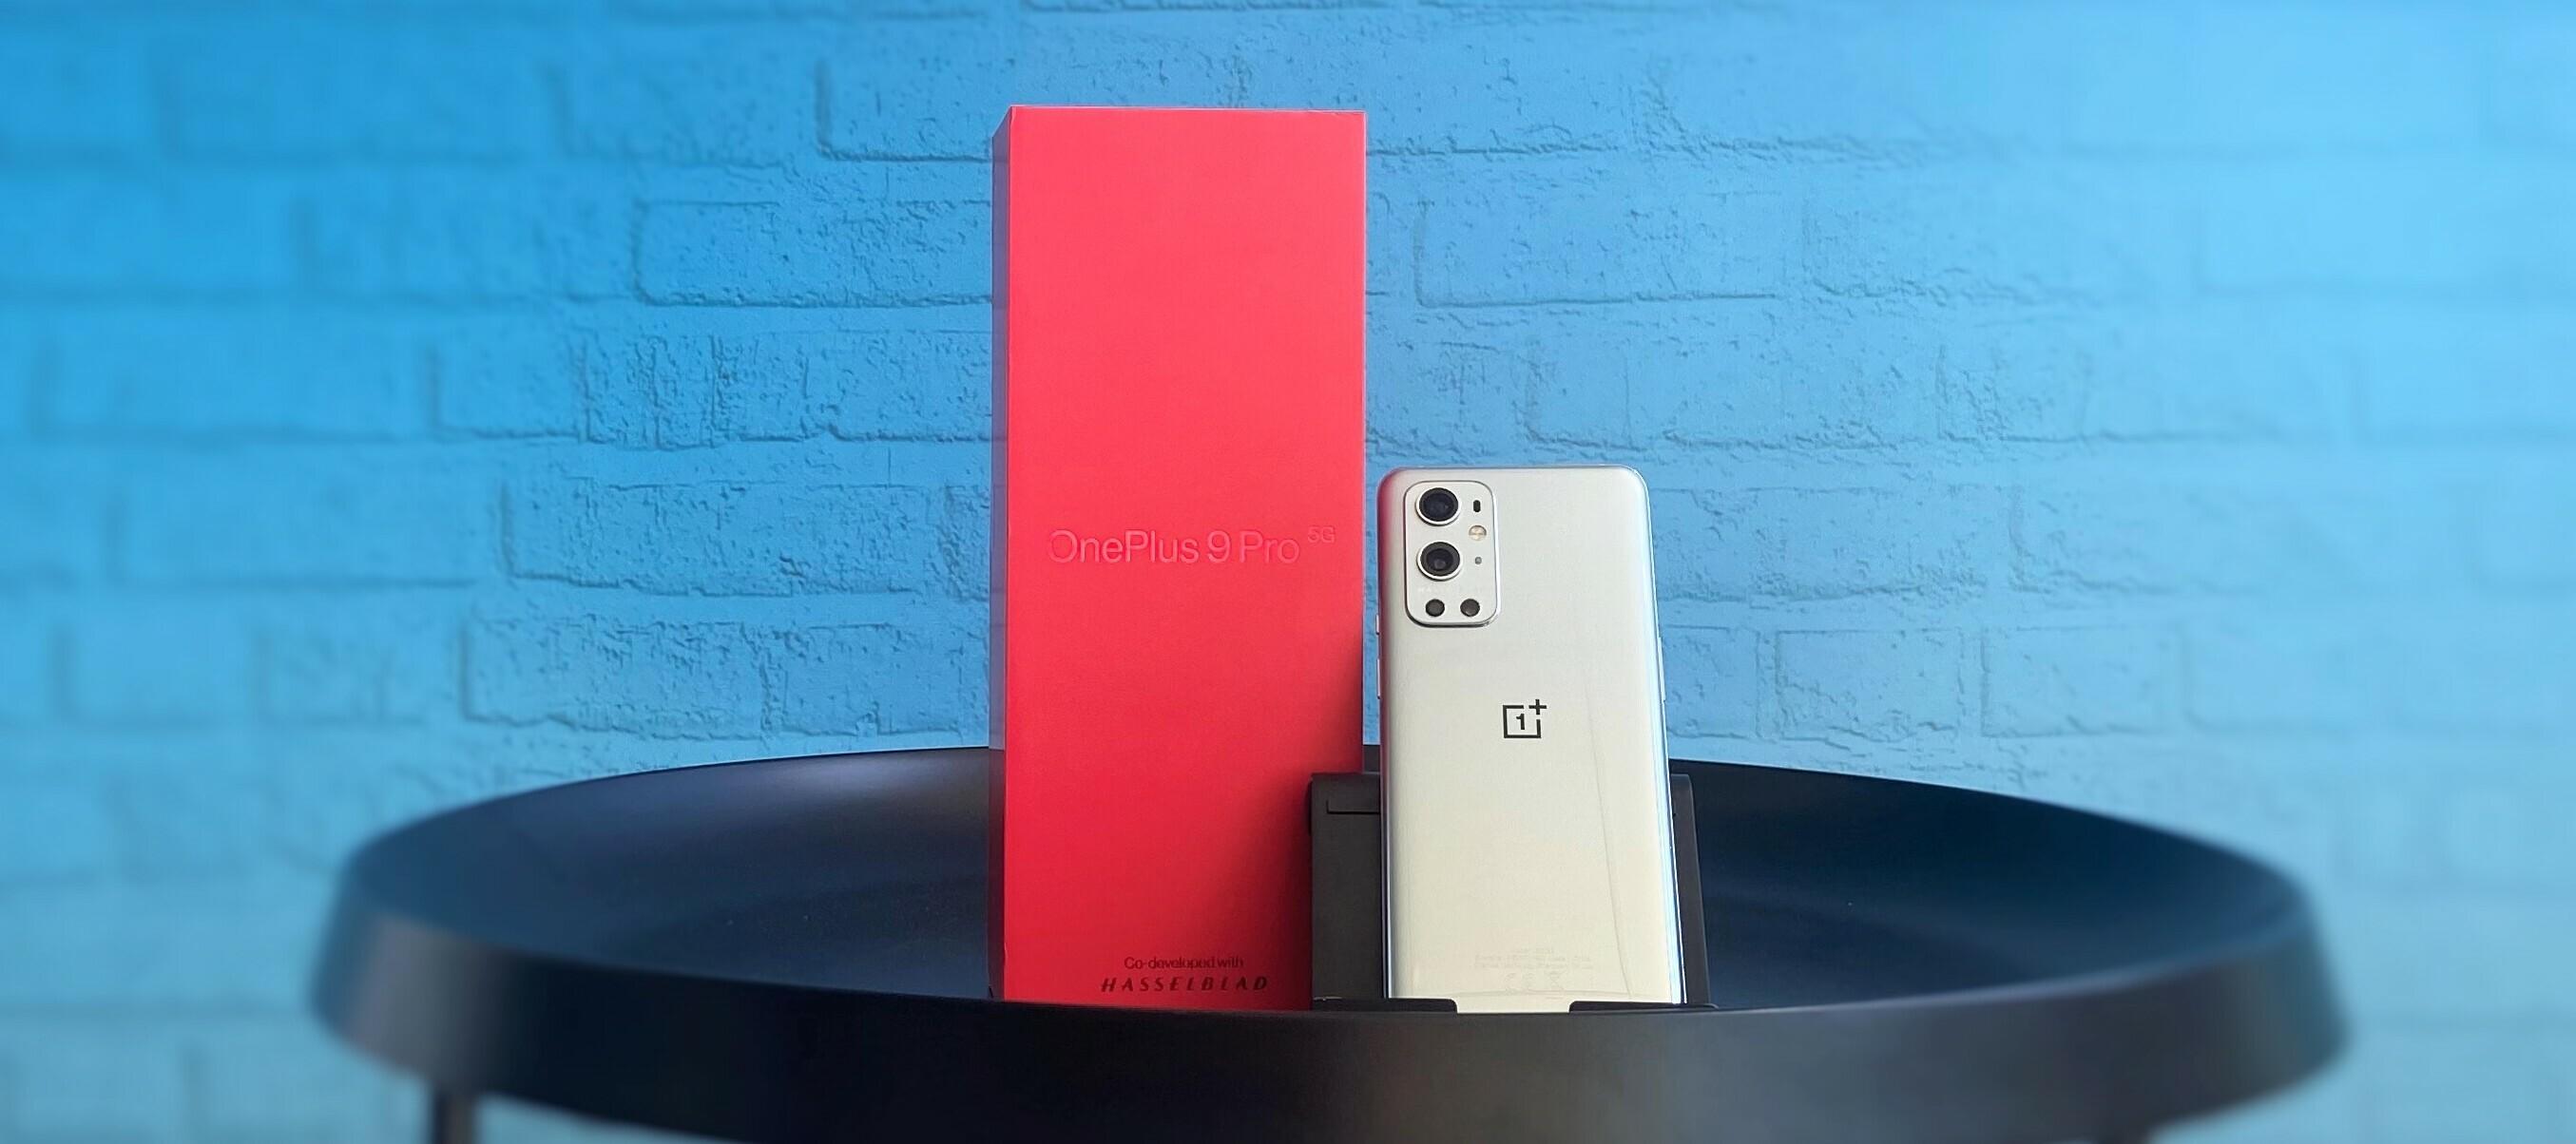 OnePlus 9 Pro Testgerät - wird das Smartphone mit einer Eins plus mit Sternchen von dir ausgezeichnet?